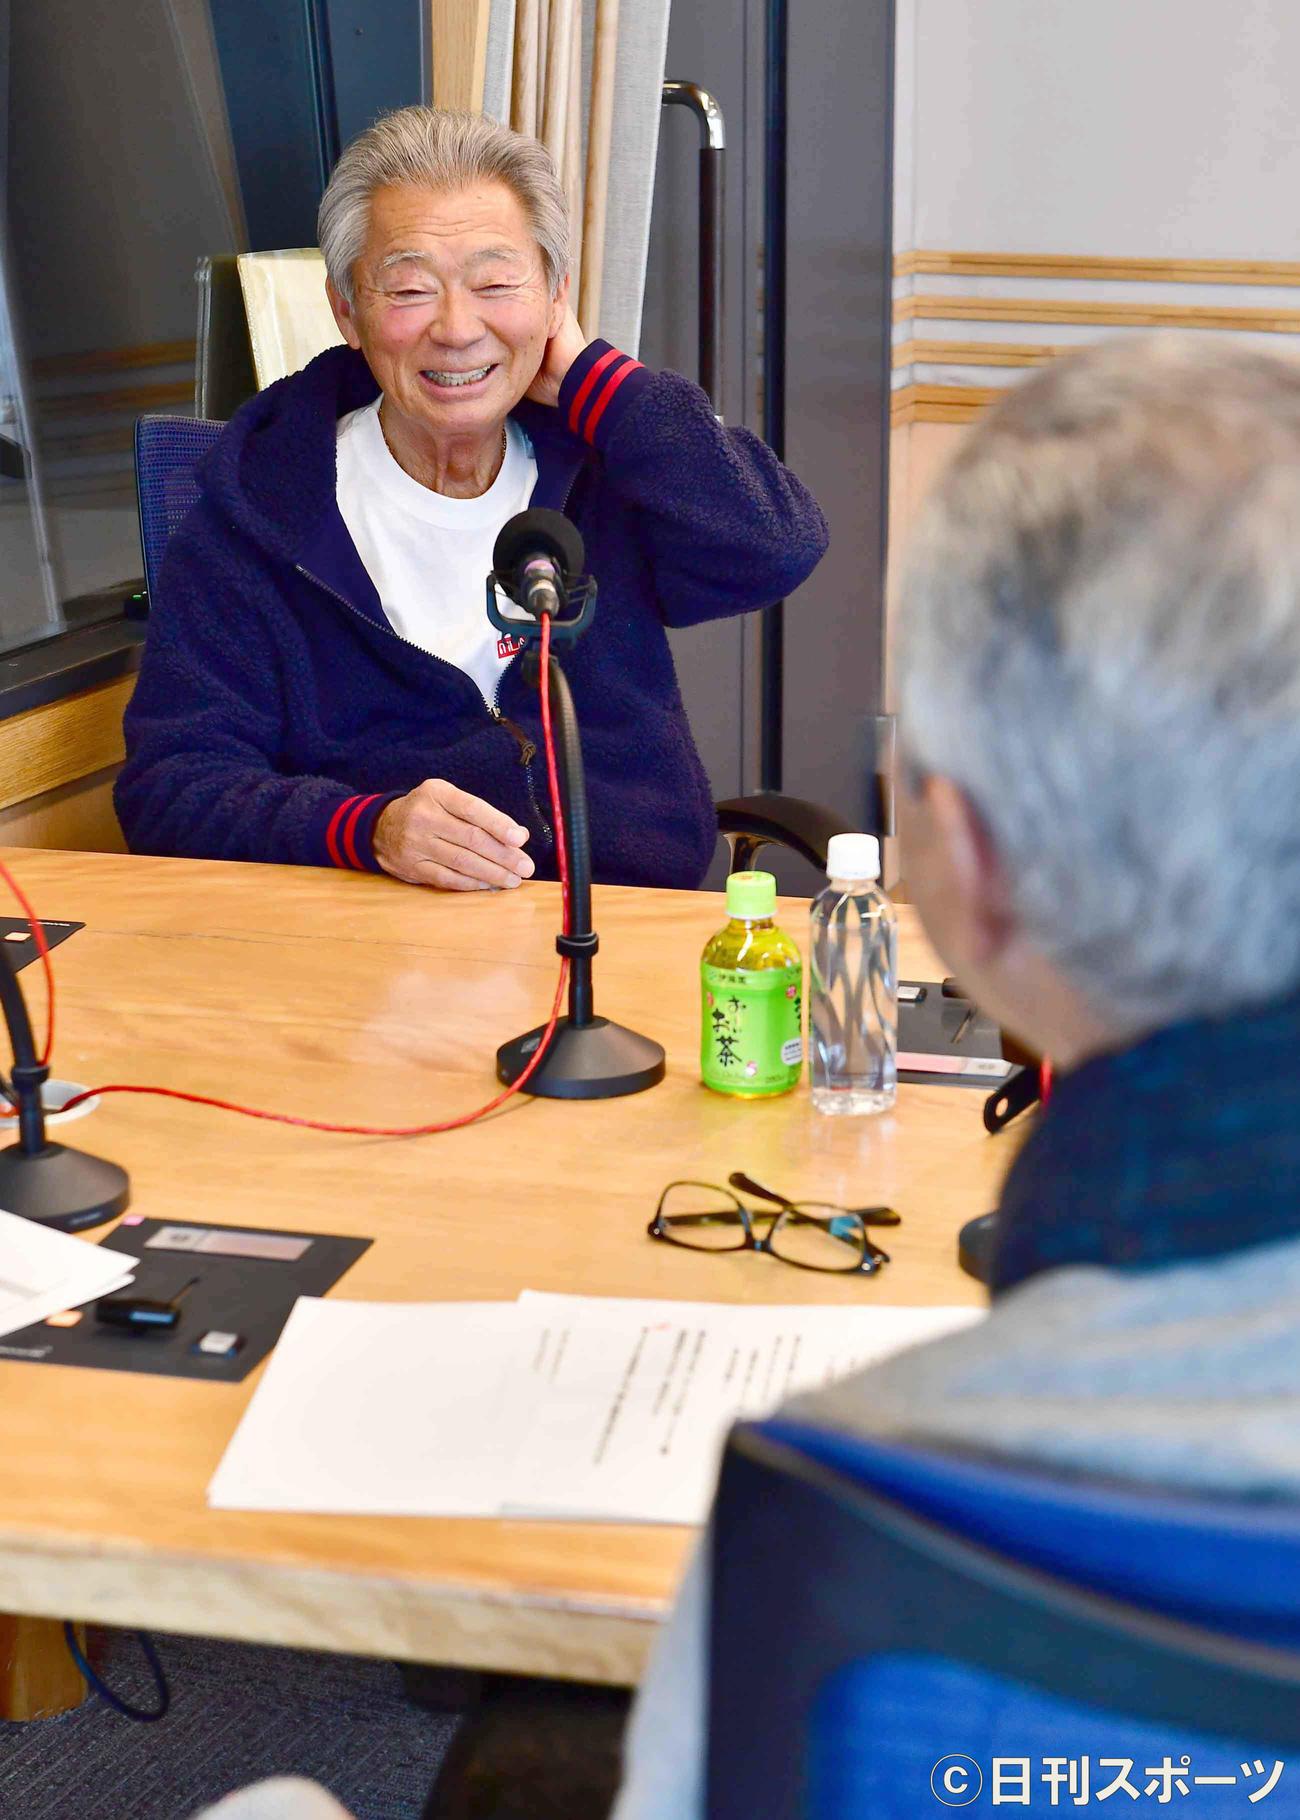 文化放送「大竹まこと ゴールデンラジオ」に生出演した、みのもんた